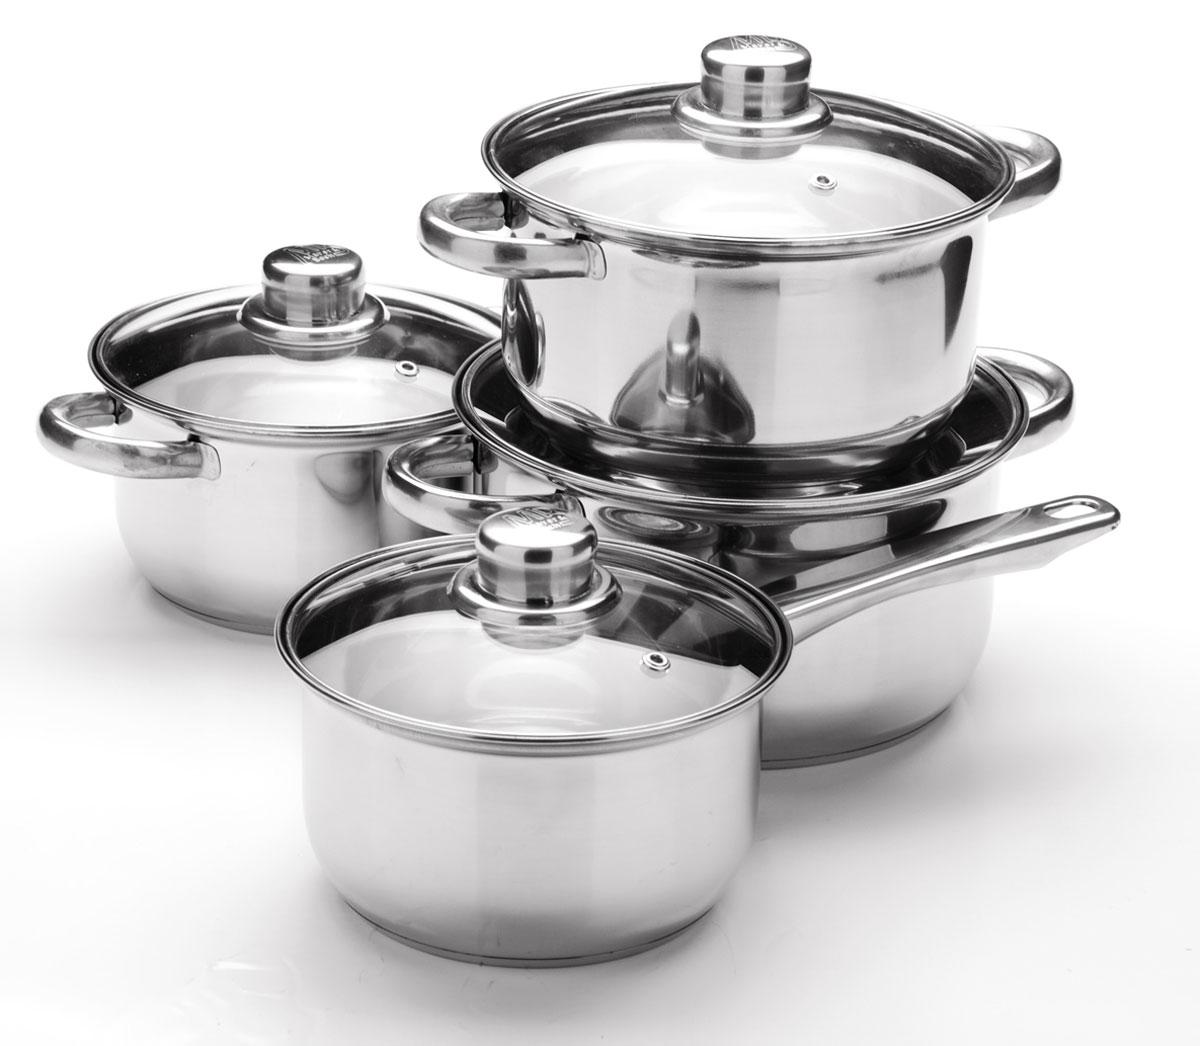 Набор посуды Mayer & Boch, 8 предметов. 25755257551,4+1,4+2+2,9л